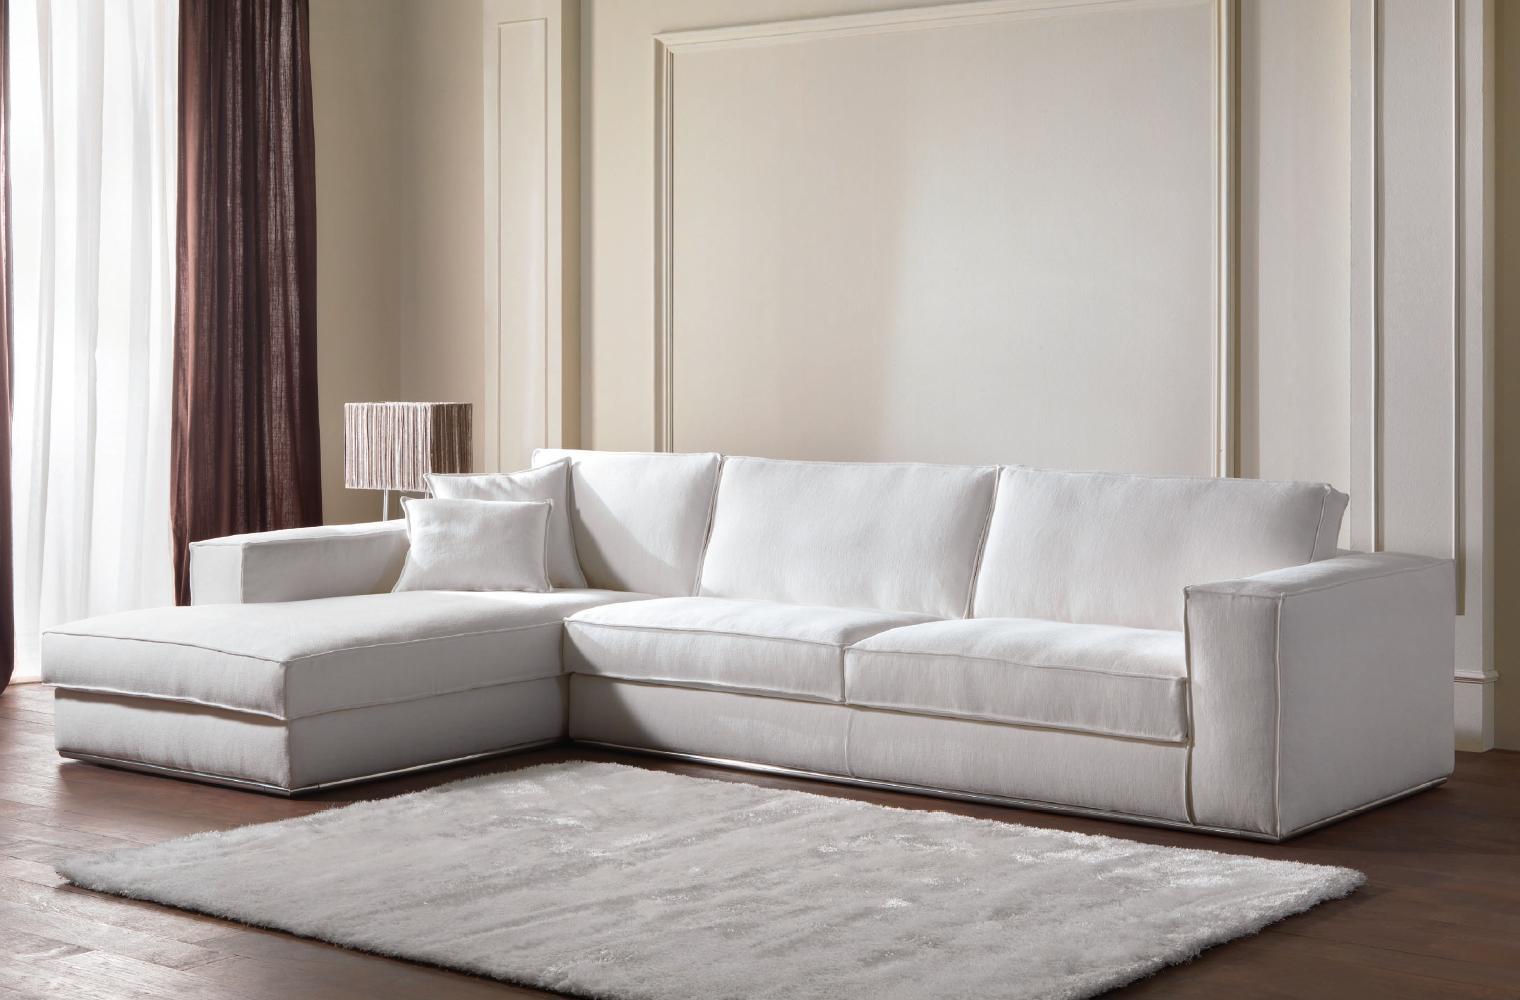 Divano moderno feel divano moderno divano componibile for Divani divani